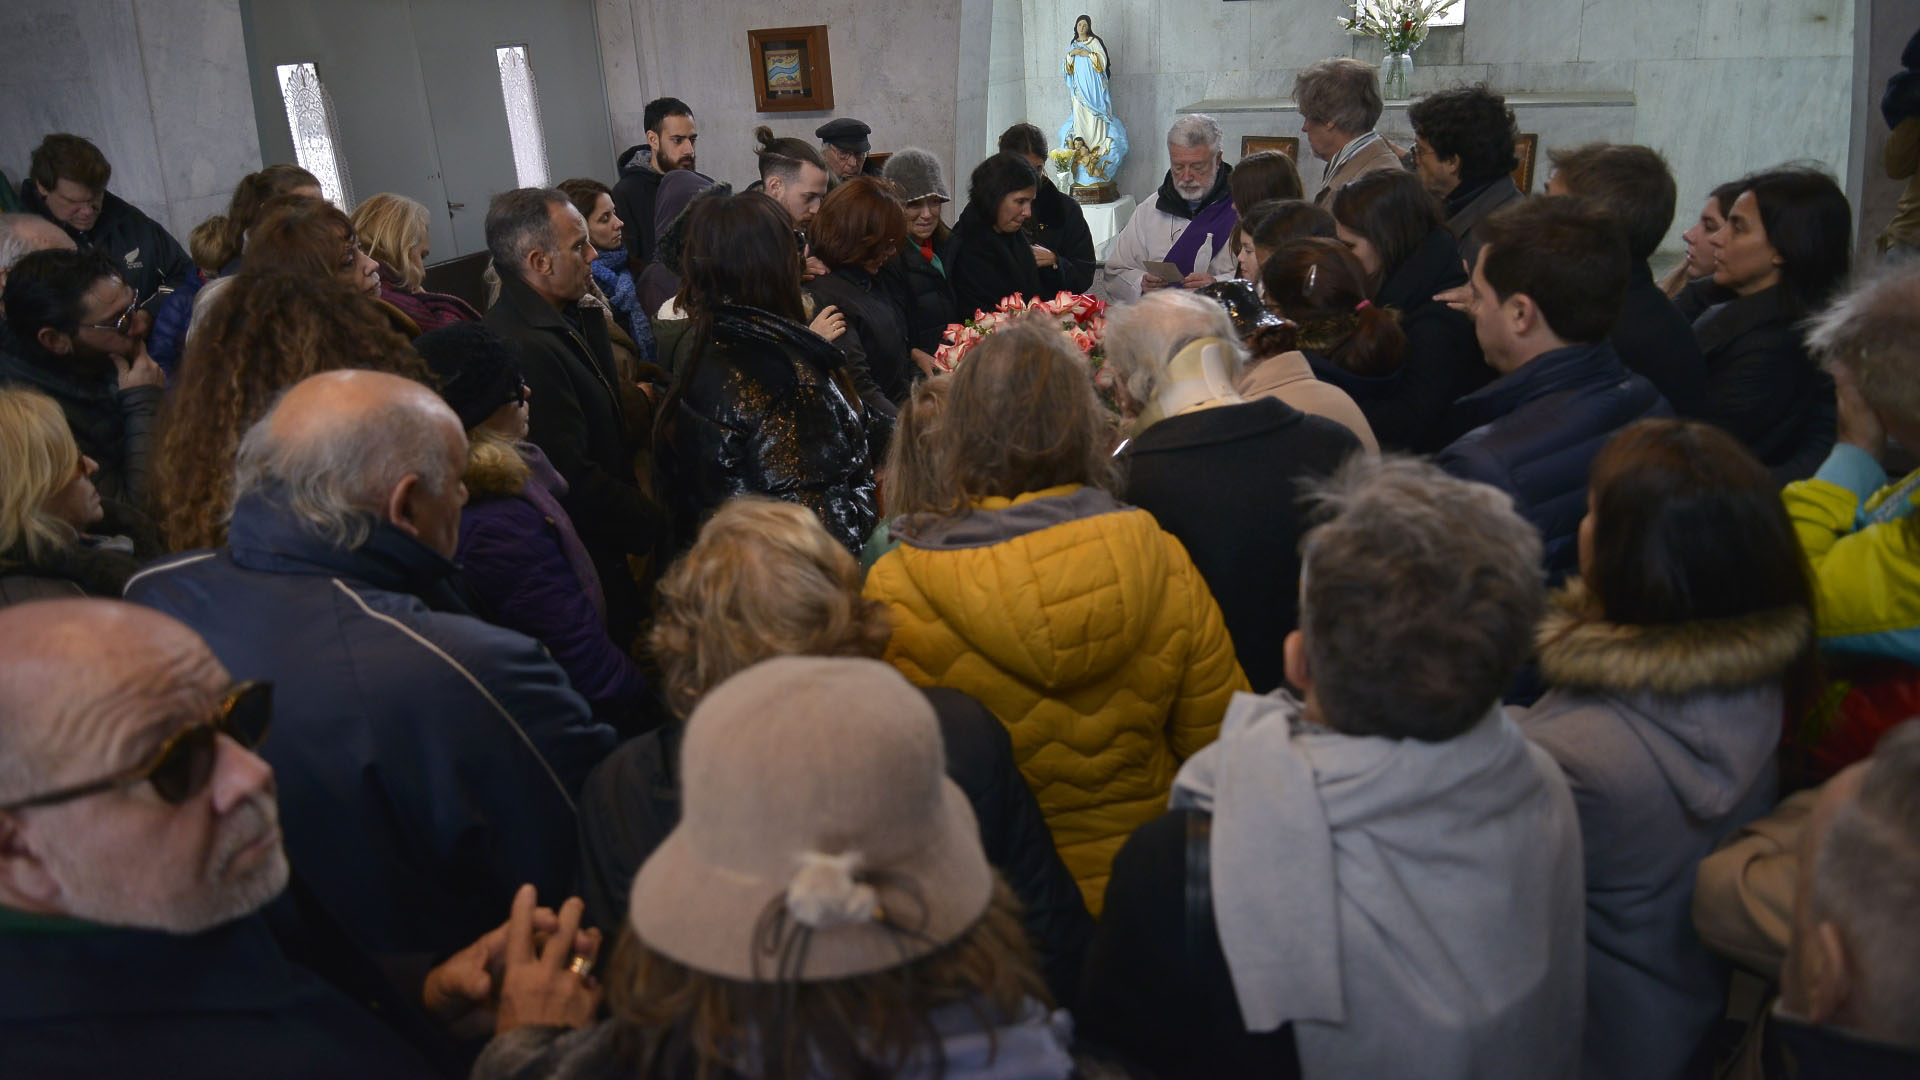 Familiares y amigos de la familia Bredeson participaron de la misa para despedir al actor y director